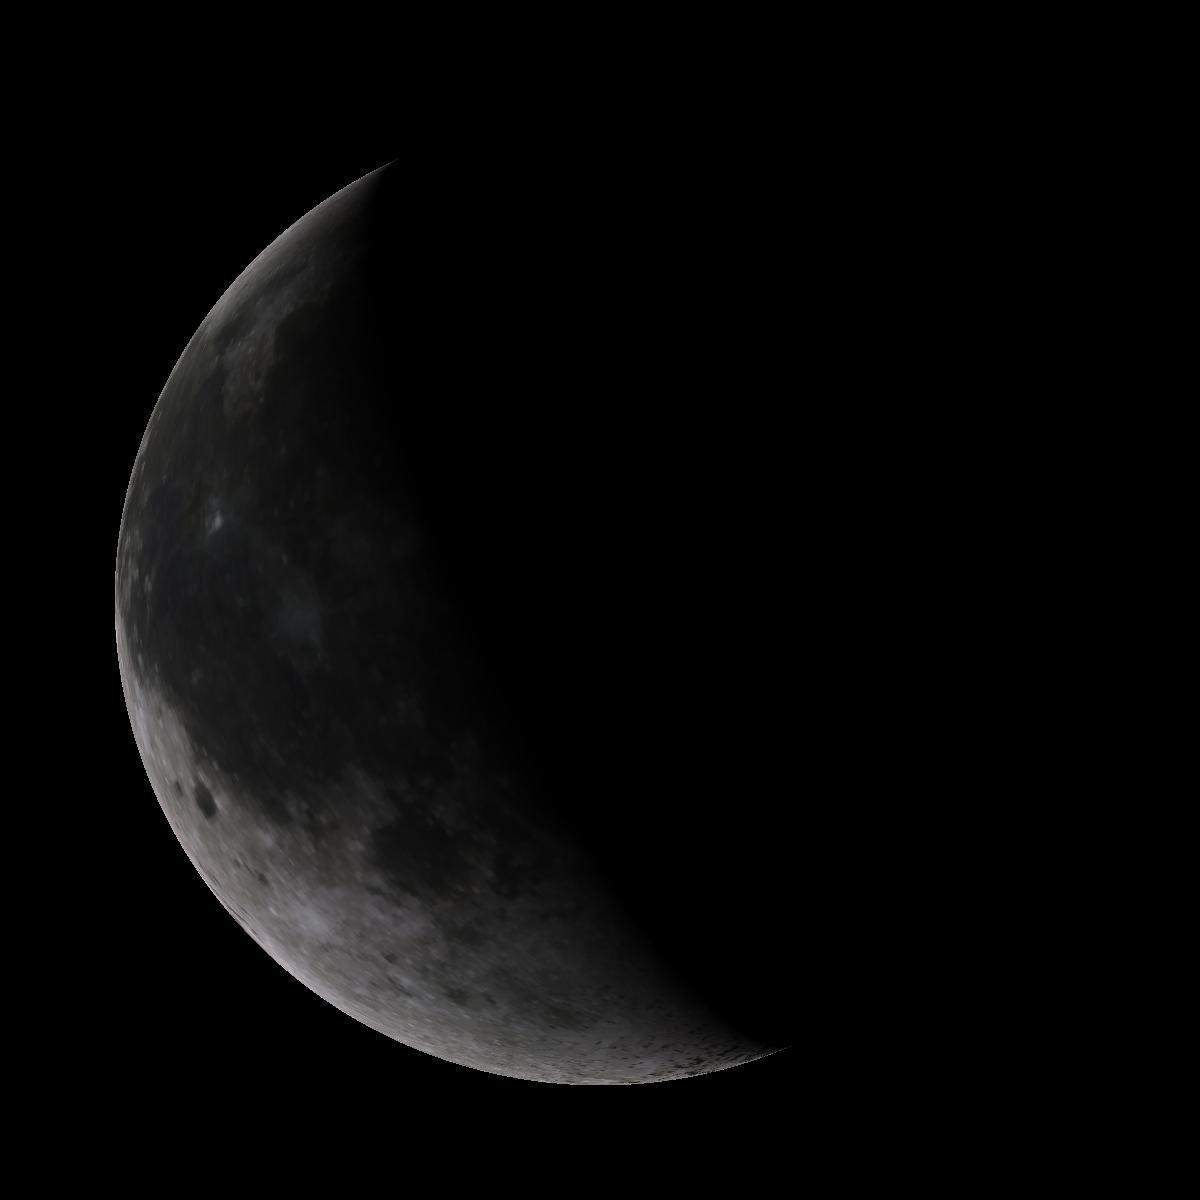 Lune du 21 novembre 2019